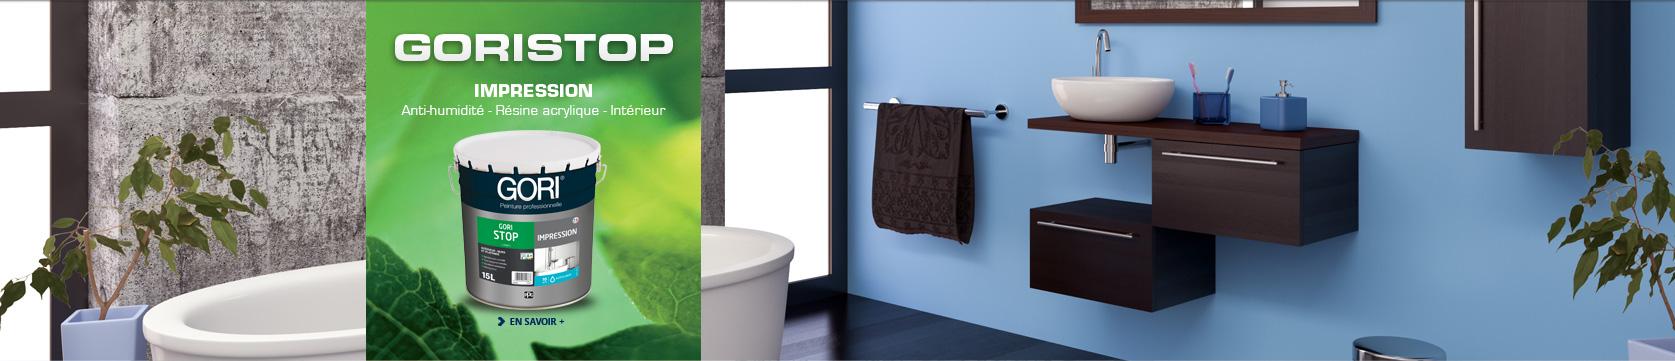 Impression acrylique multisupports, barrière anti-humidité pour murs et plafonds